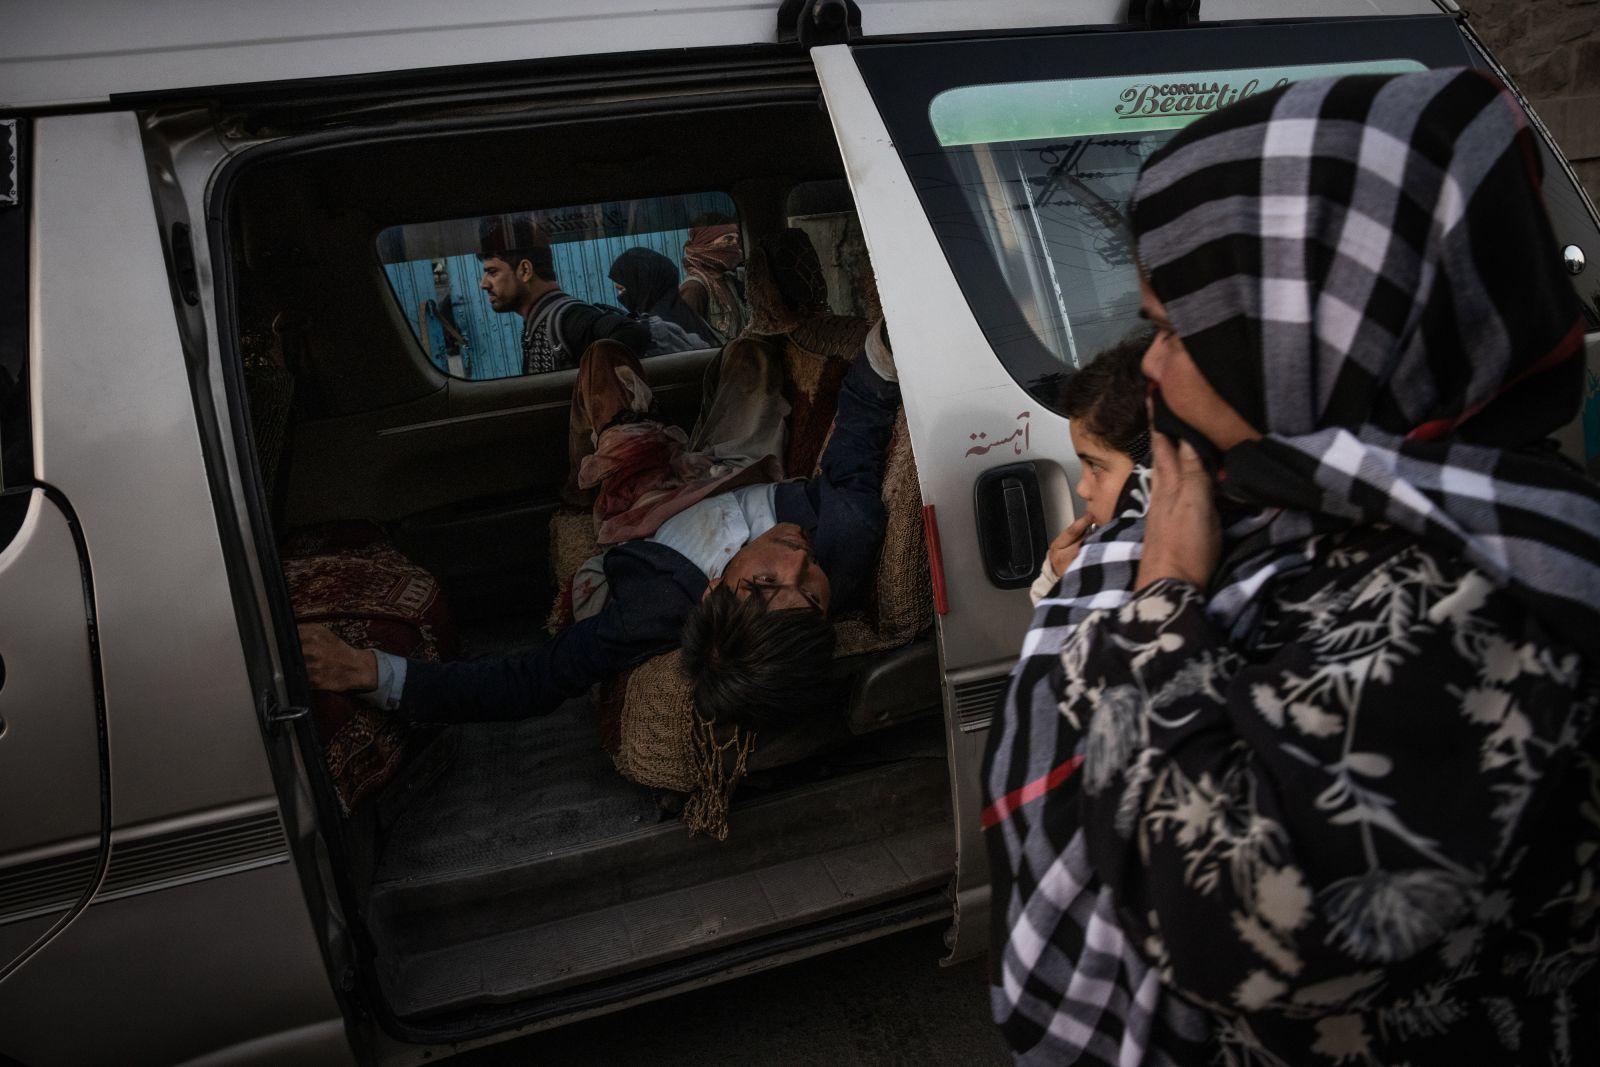 https___cdn.cnn.com_cnnnext_dam_assets_210826150715-03-afghanistan-explosion-0826